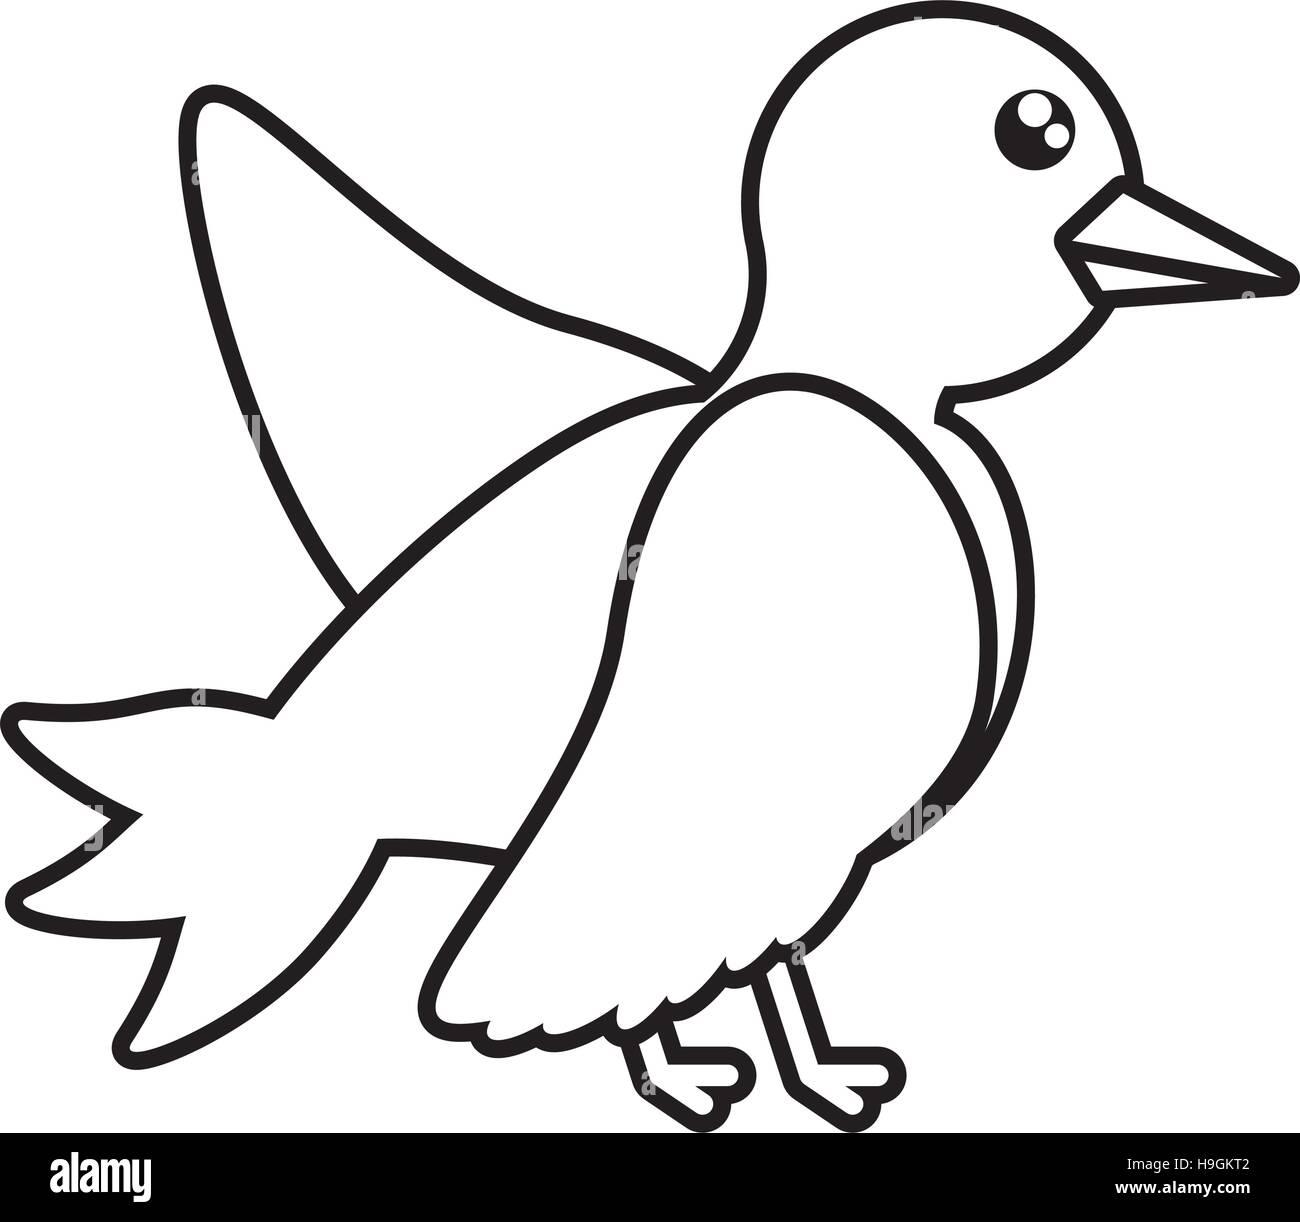 Piktogramm Taube Hochzeit Symbol Icon Design Vektor Abbildung Bild